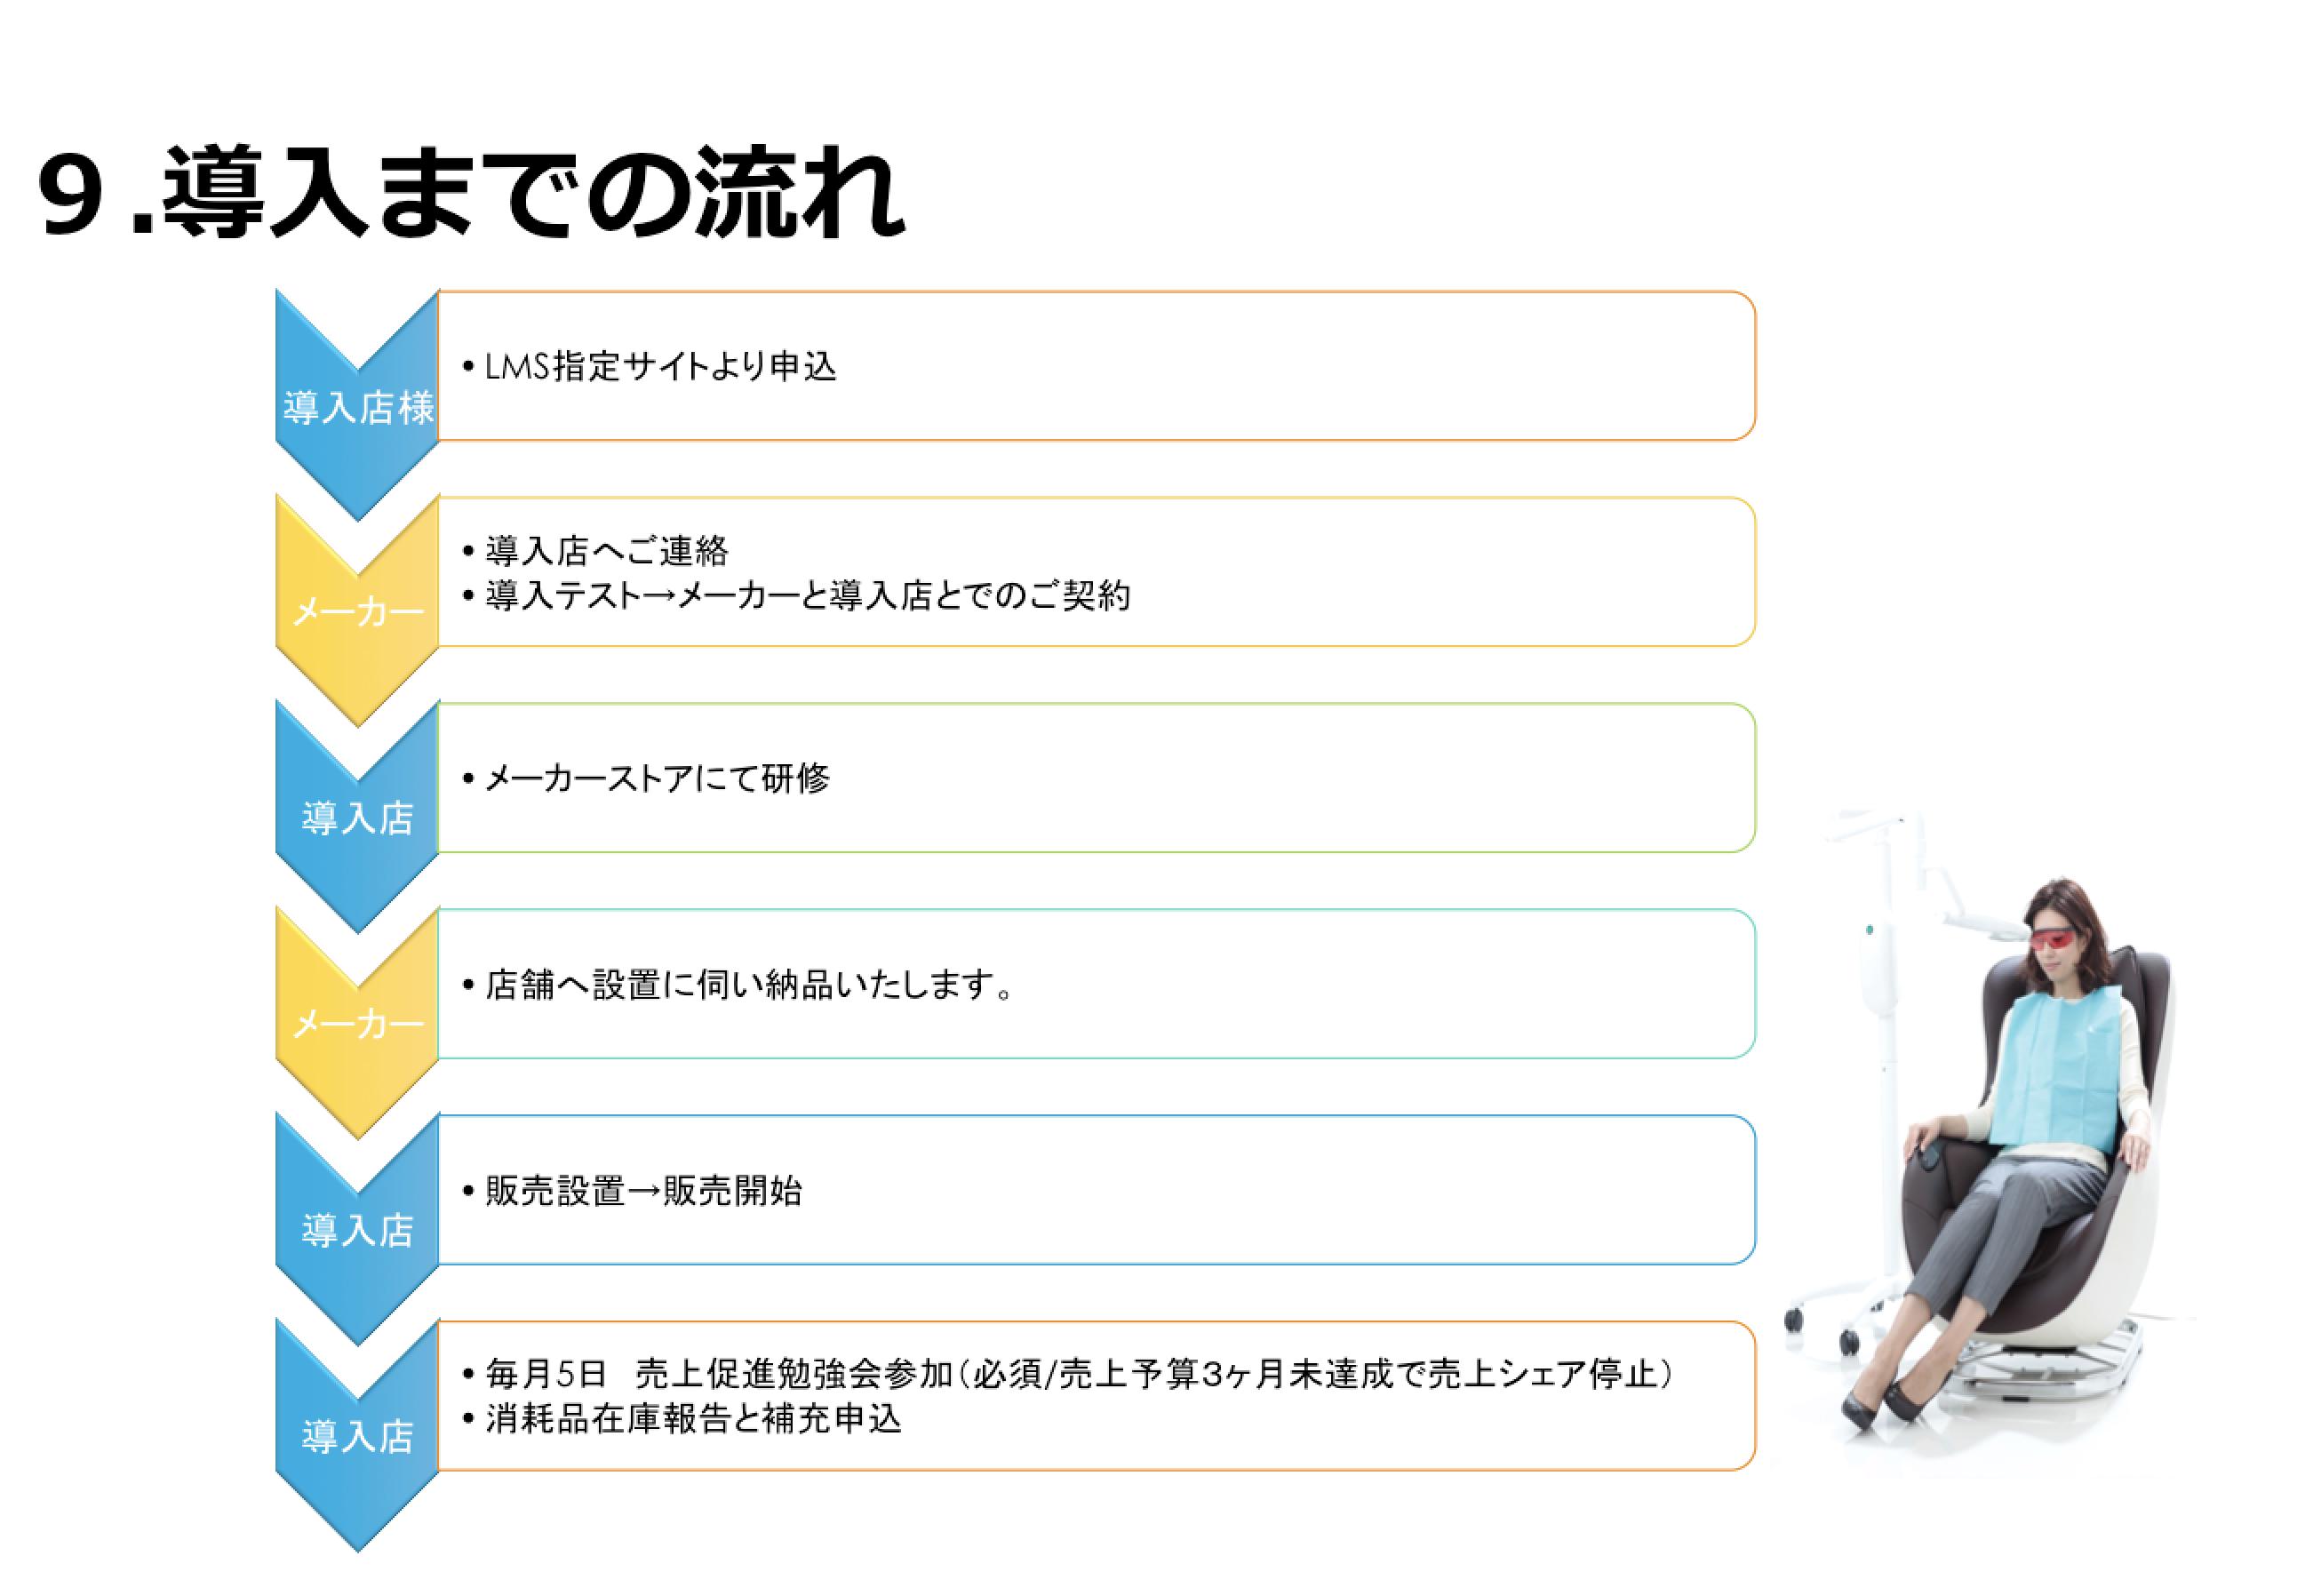 レンタルサロン開業 名古屋栄横浜銀座駅近安